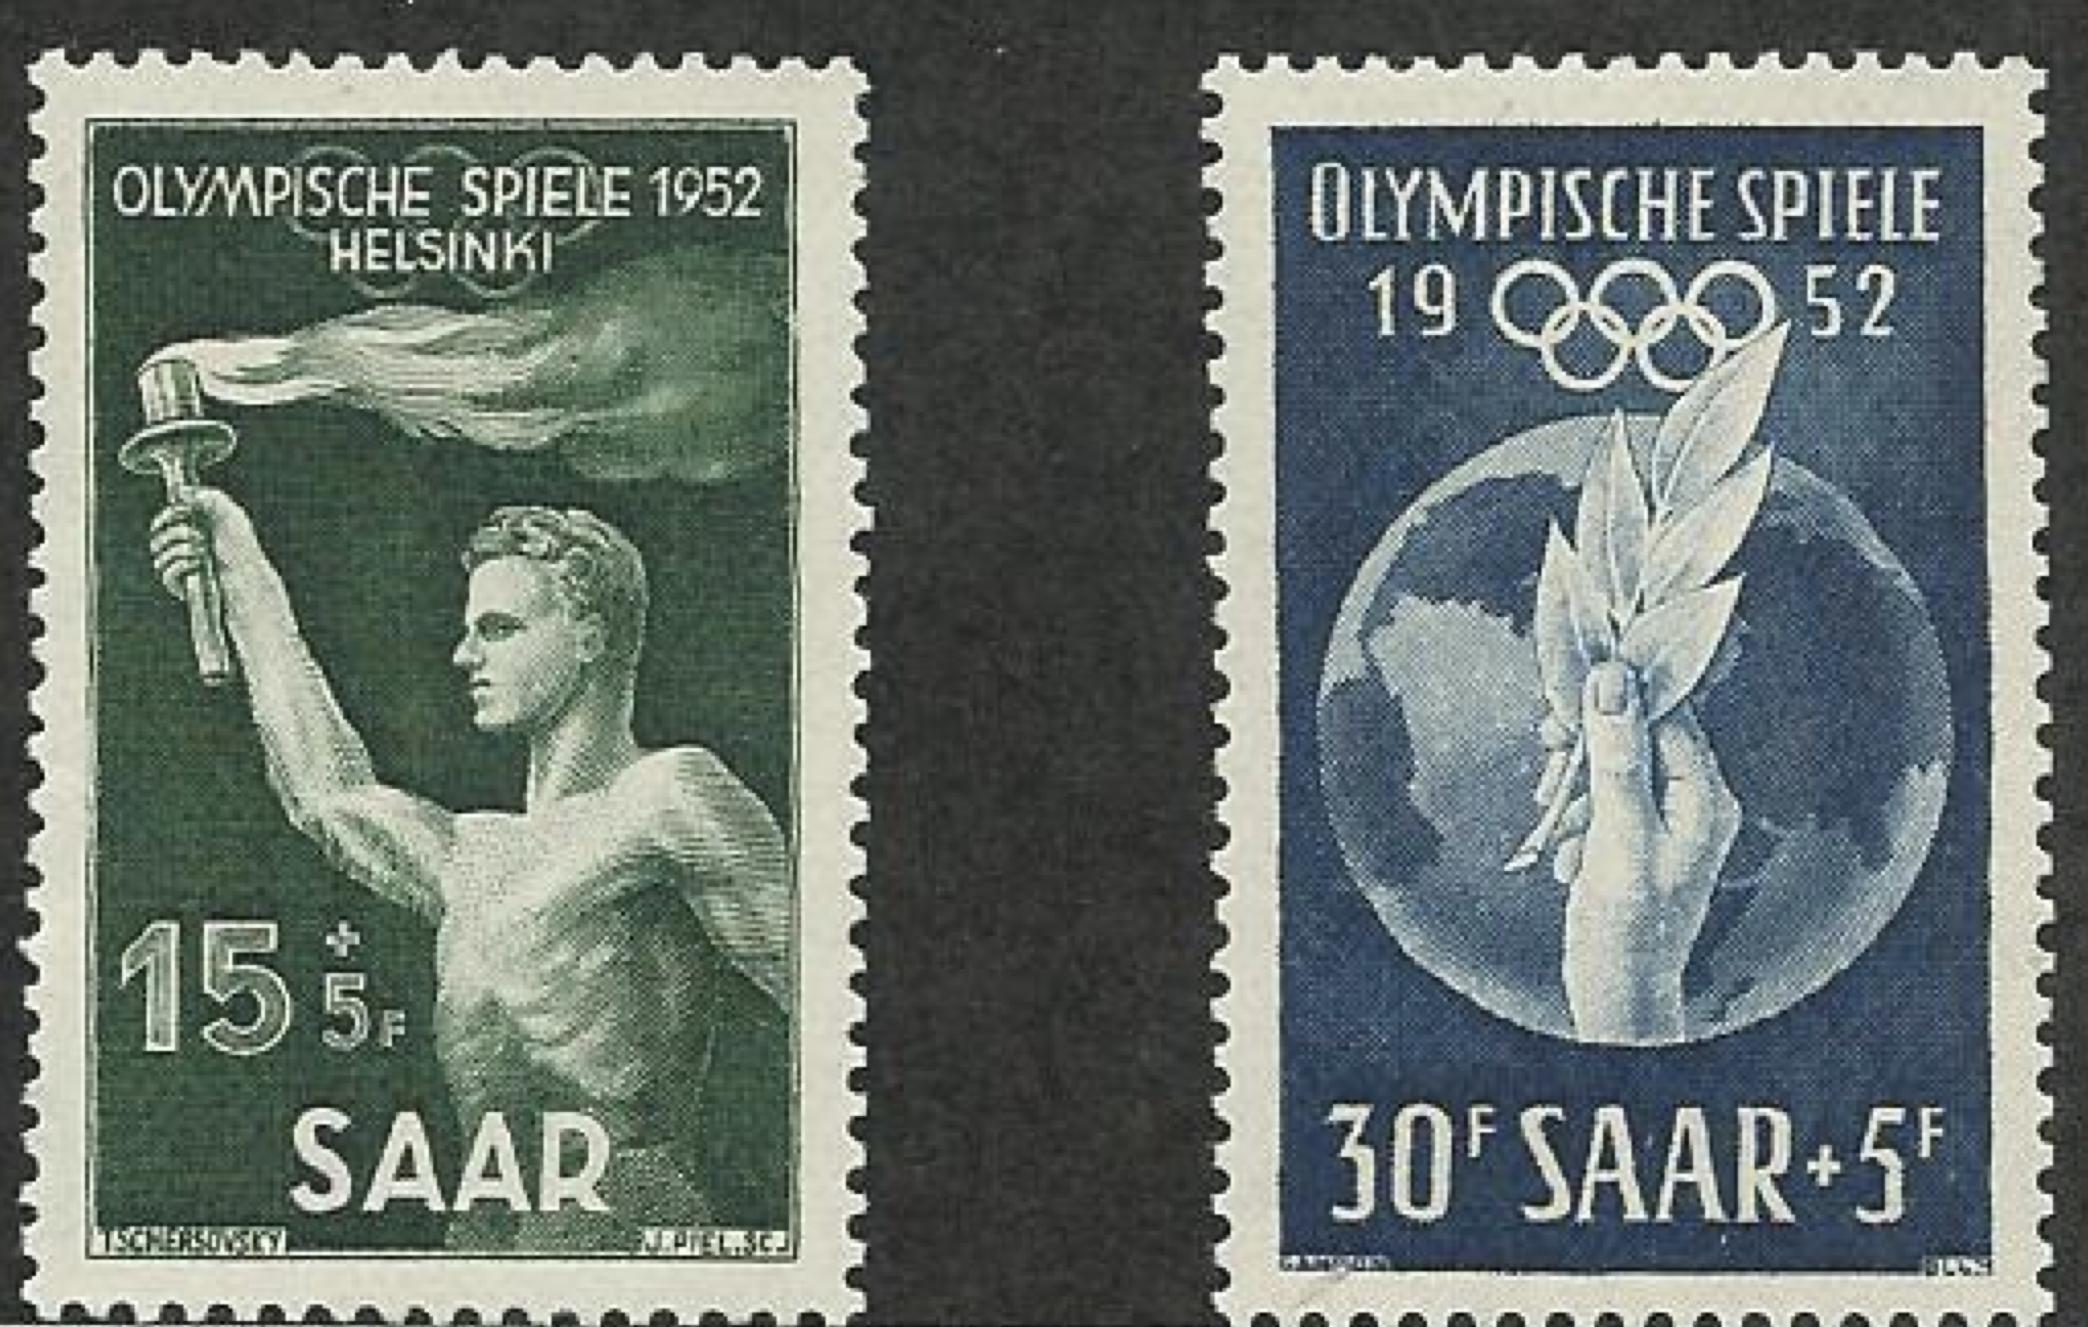 В разгар Холодной войны ГДР и ФРГ выступали на Олимпиадах единой командой. Раздельно запрещал МОК